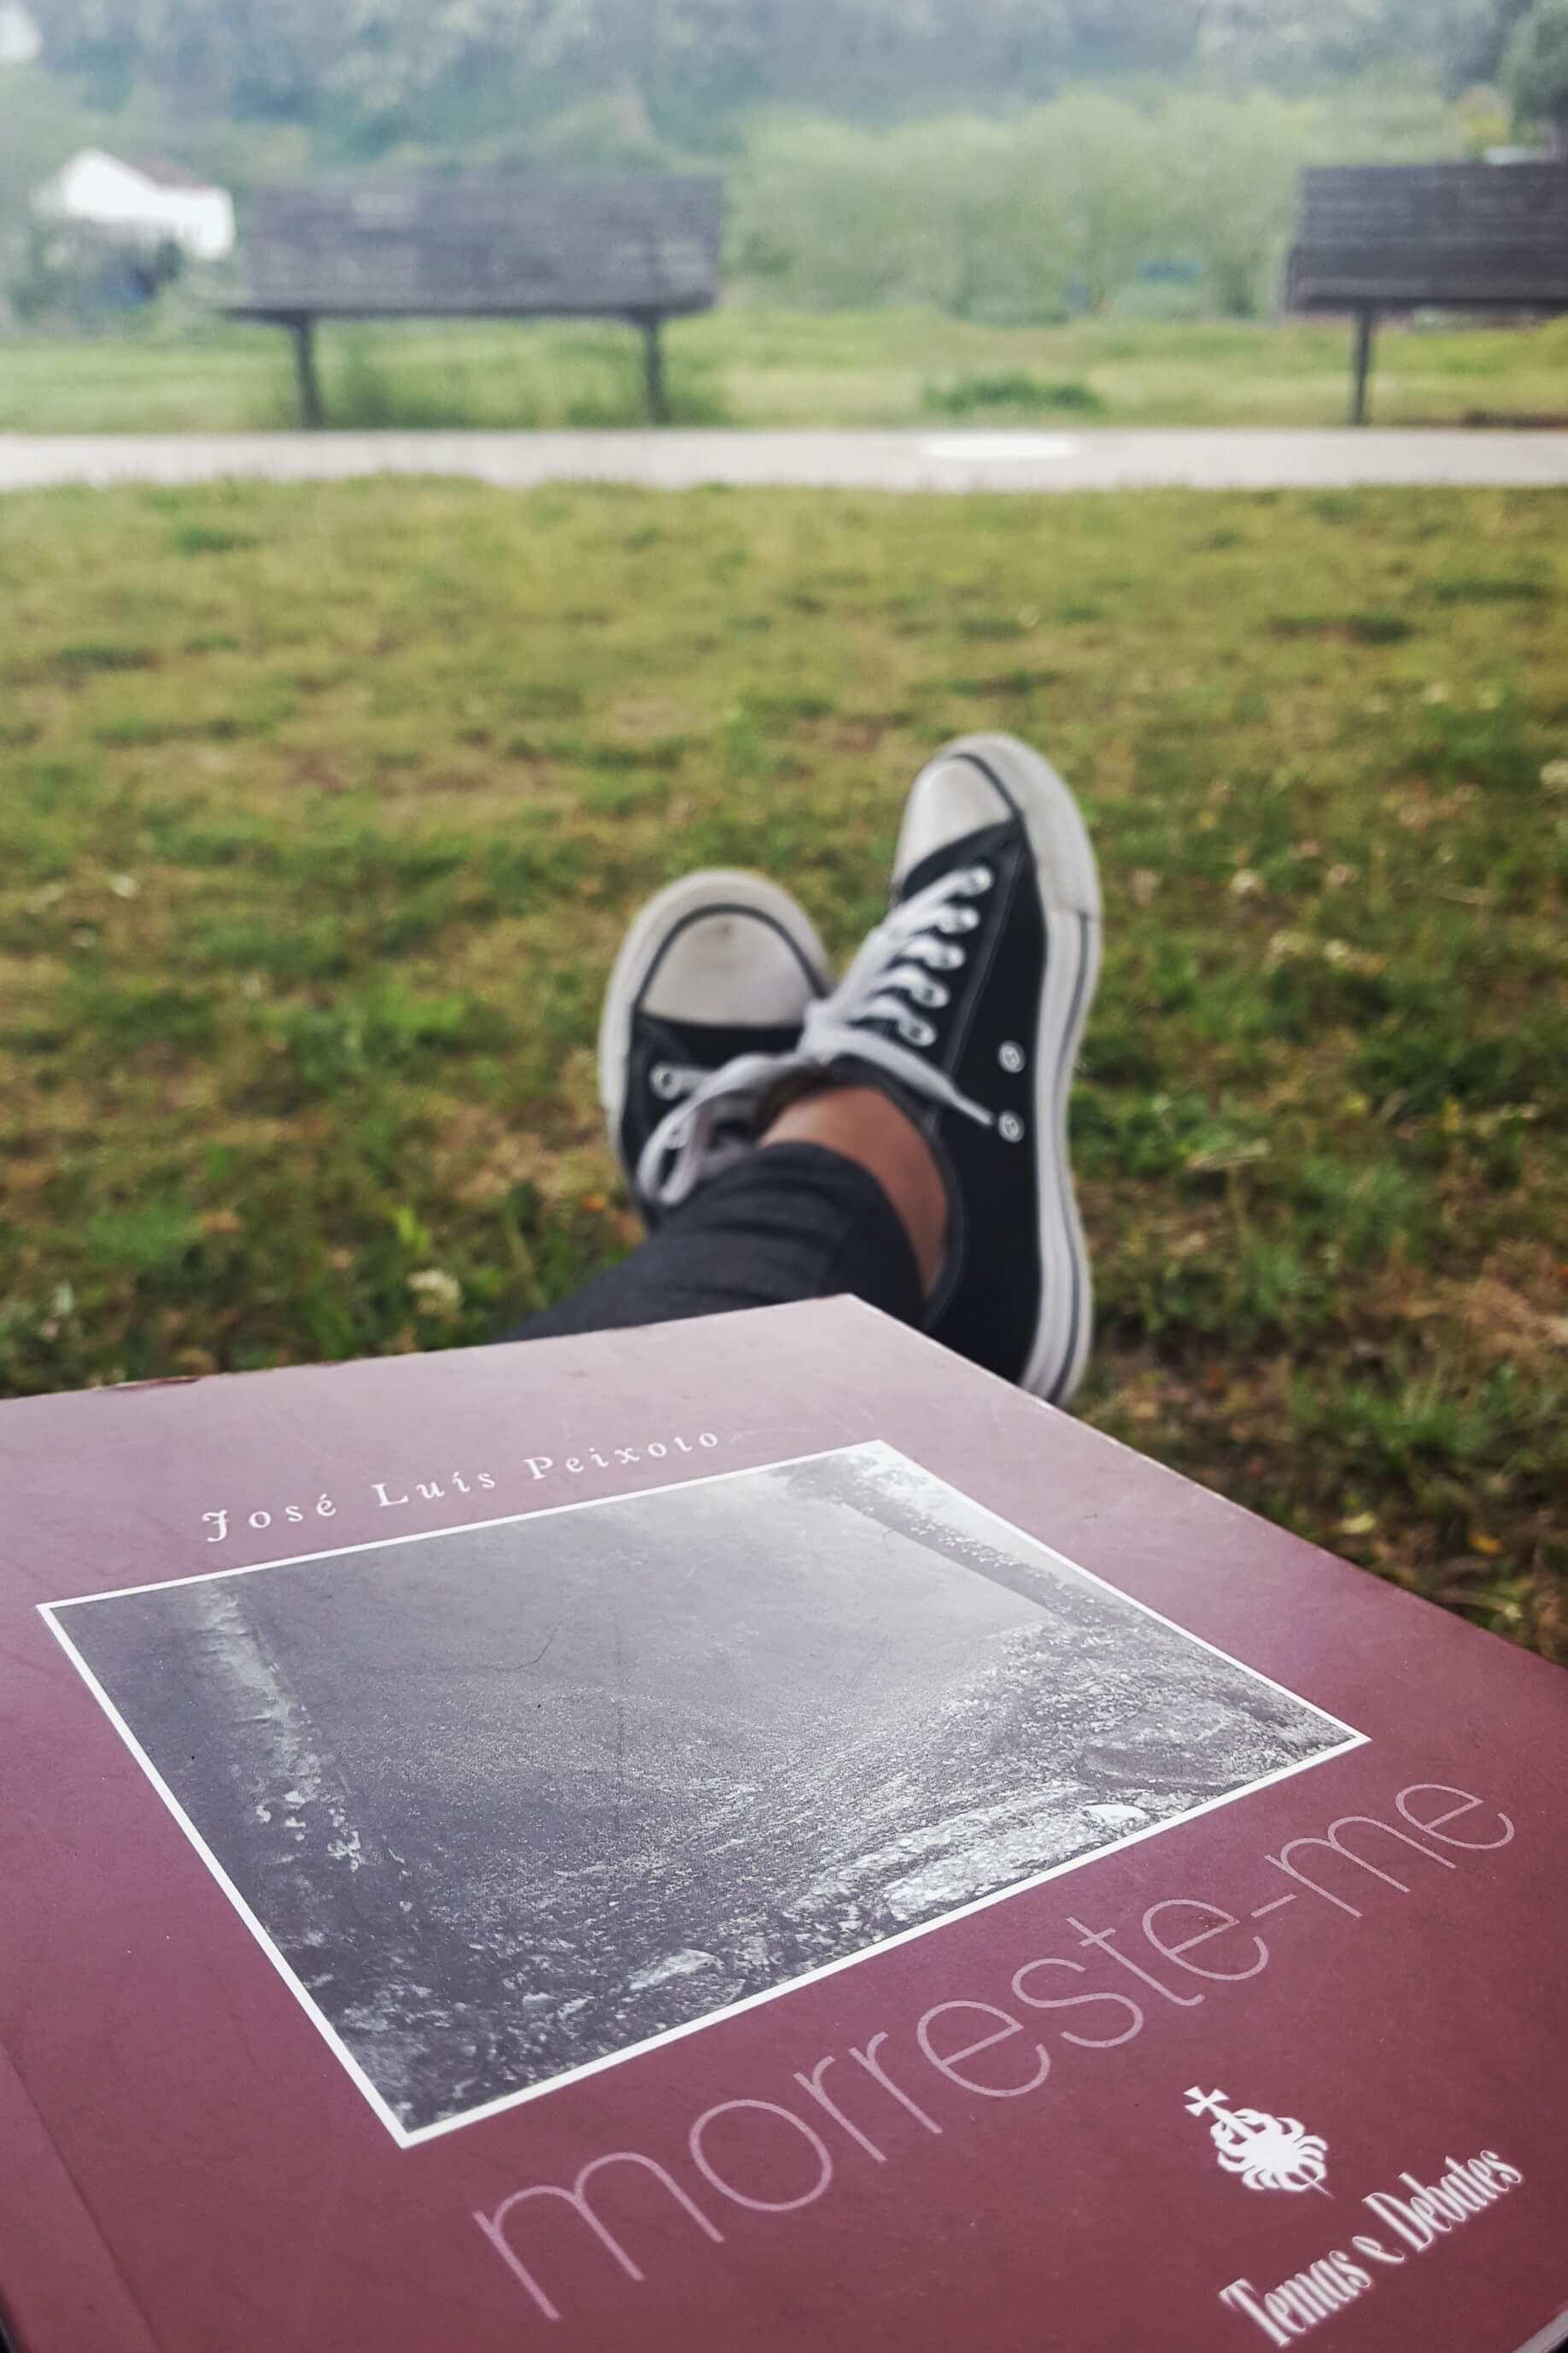 Clube-de-leitura